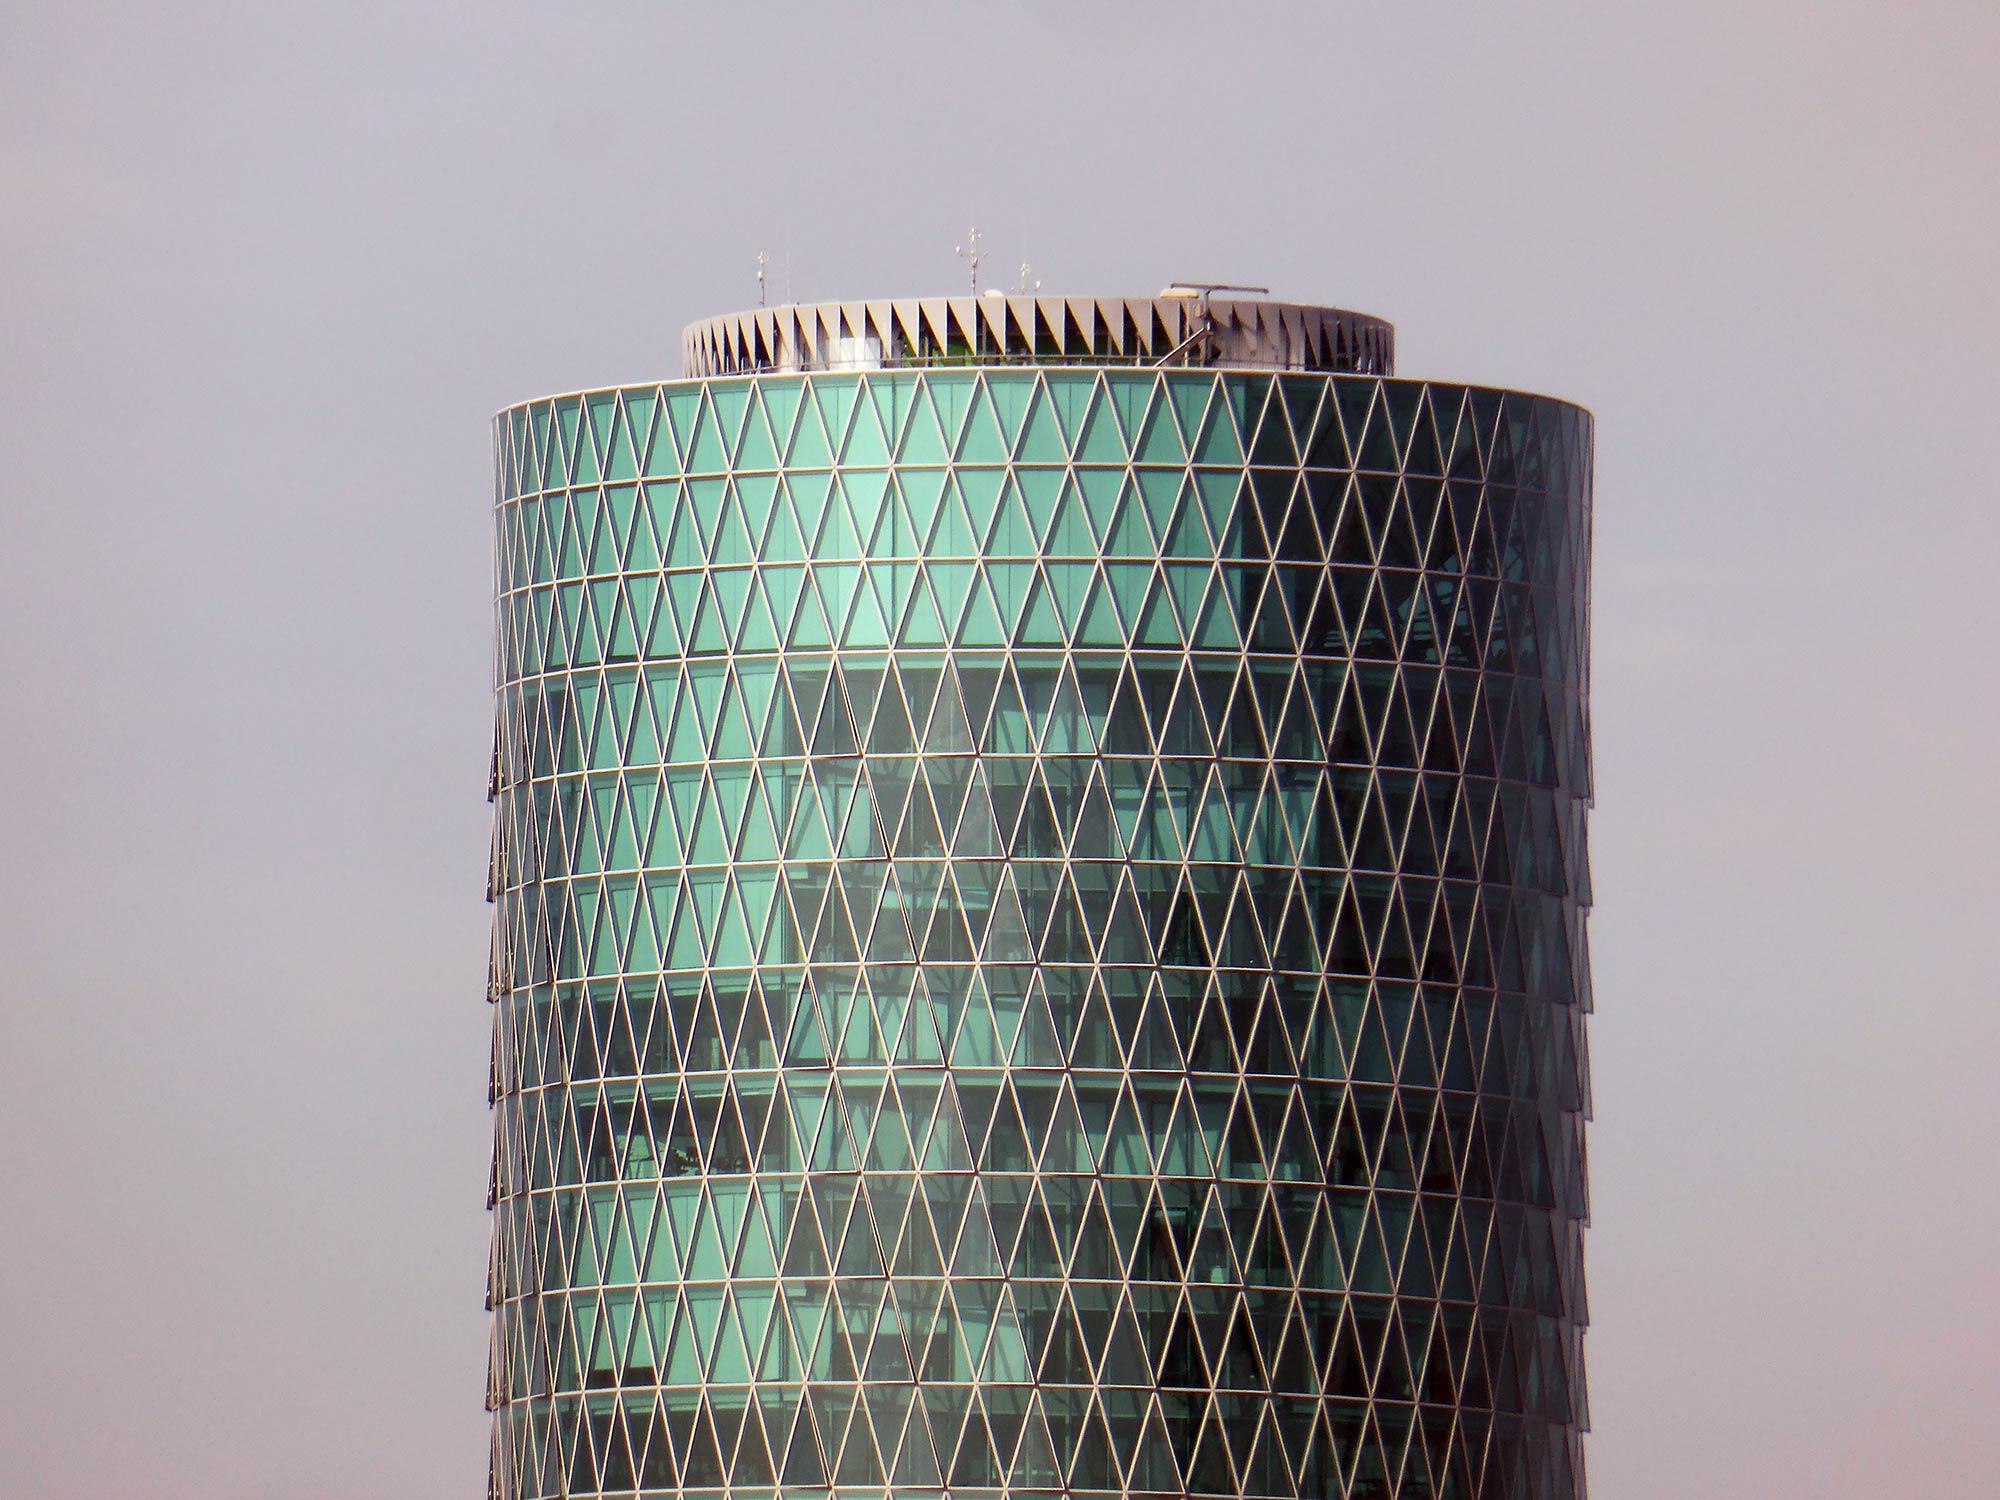 Zylindrischer Hochhausturm - Rundes Hochhaus Frankfurt - Westhafen Tower